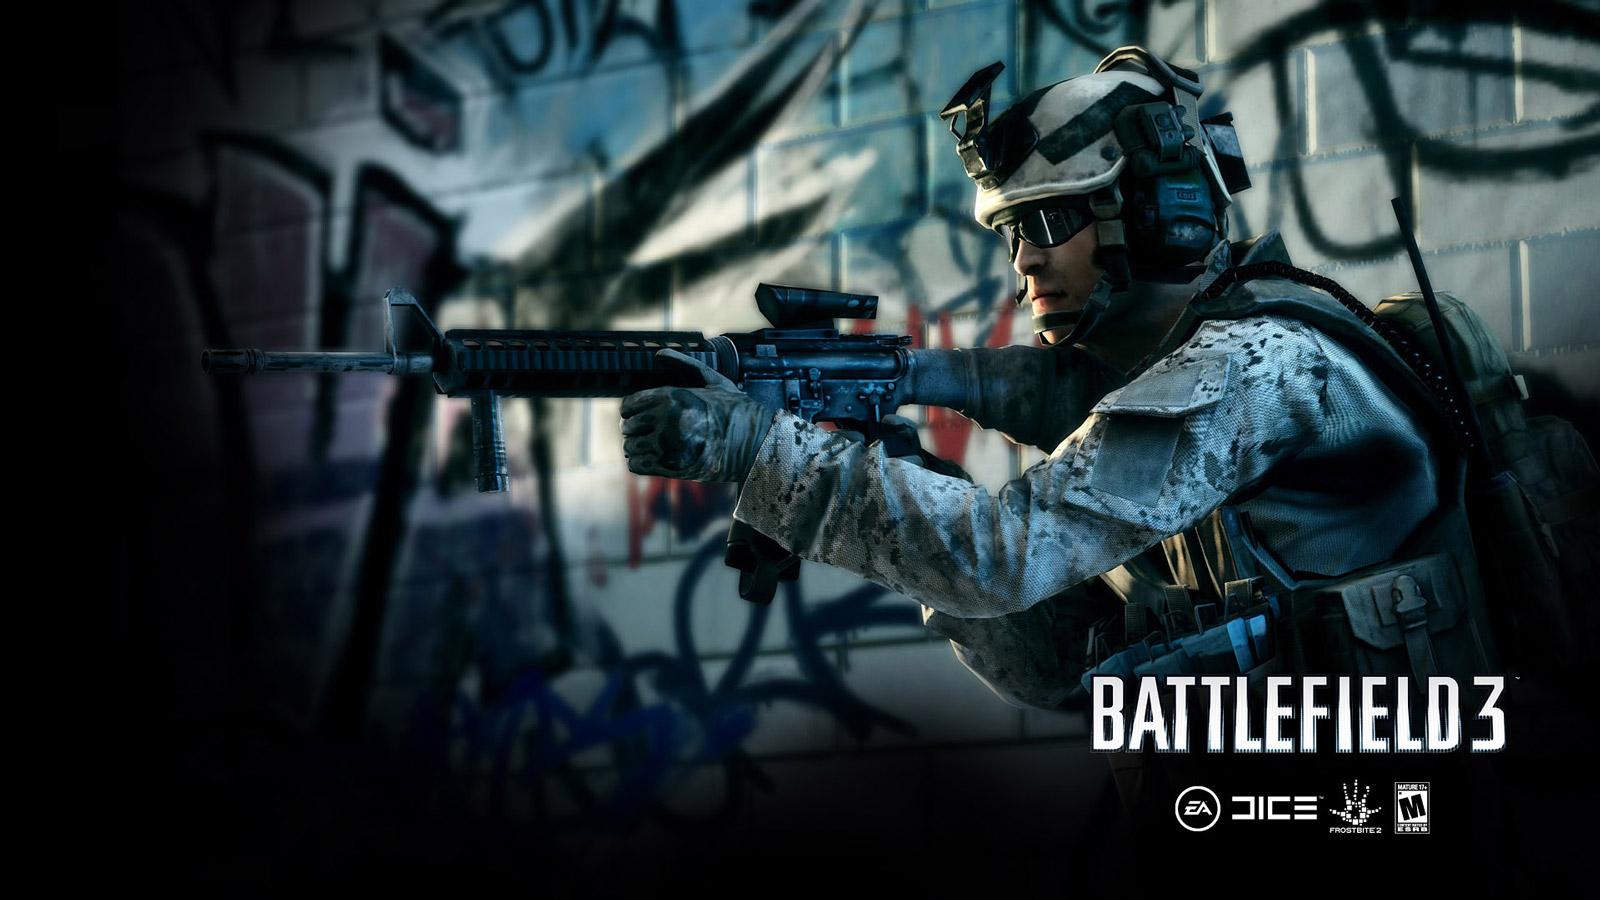 Free Battlefield 3 Wallpaper in 1600x900